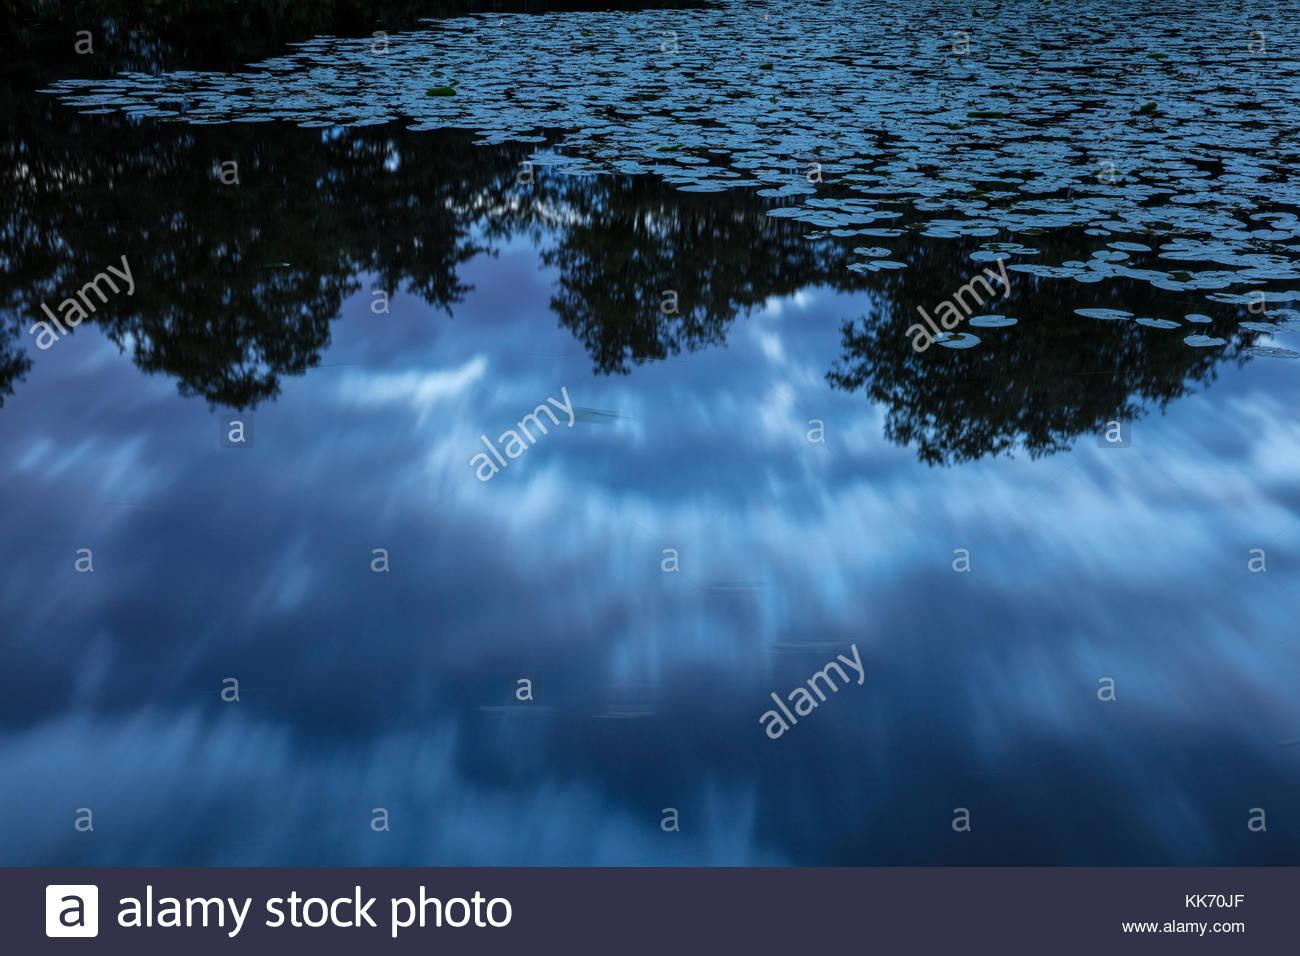 Eine lange Belichtung erfasst die Bewegung von dunklen Gewitterwolken, die auf einen großen Teich, teilweise Stockbild